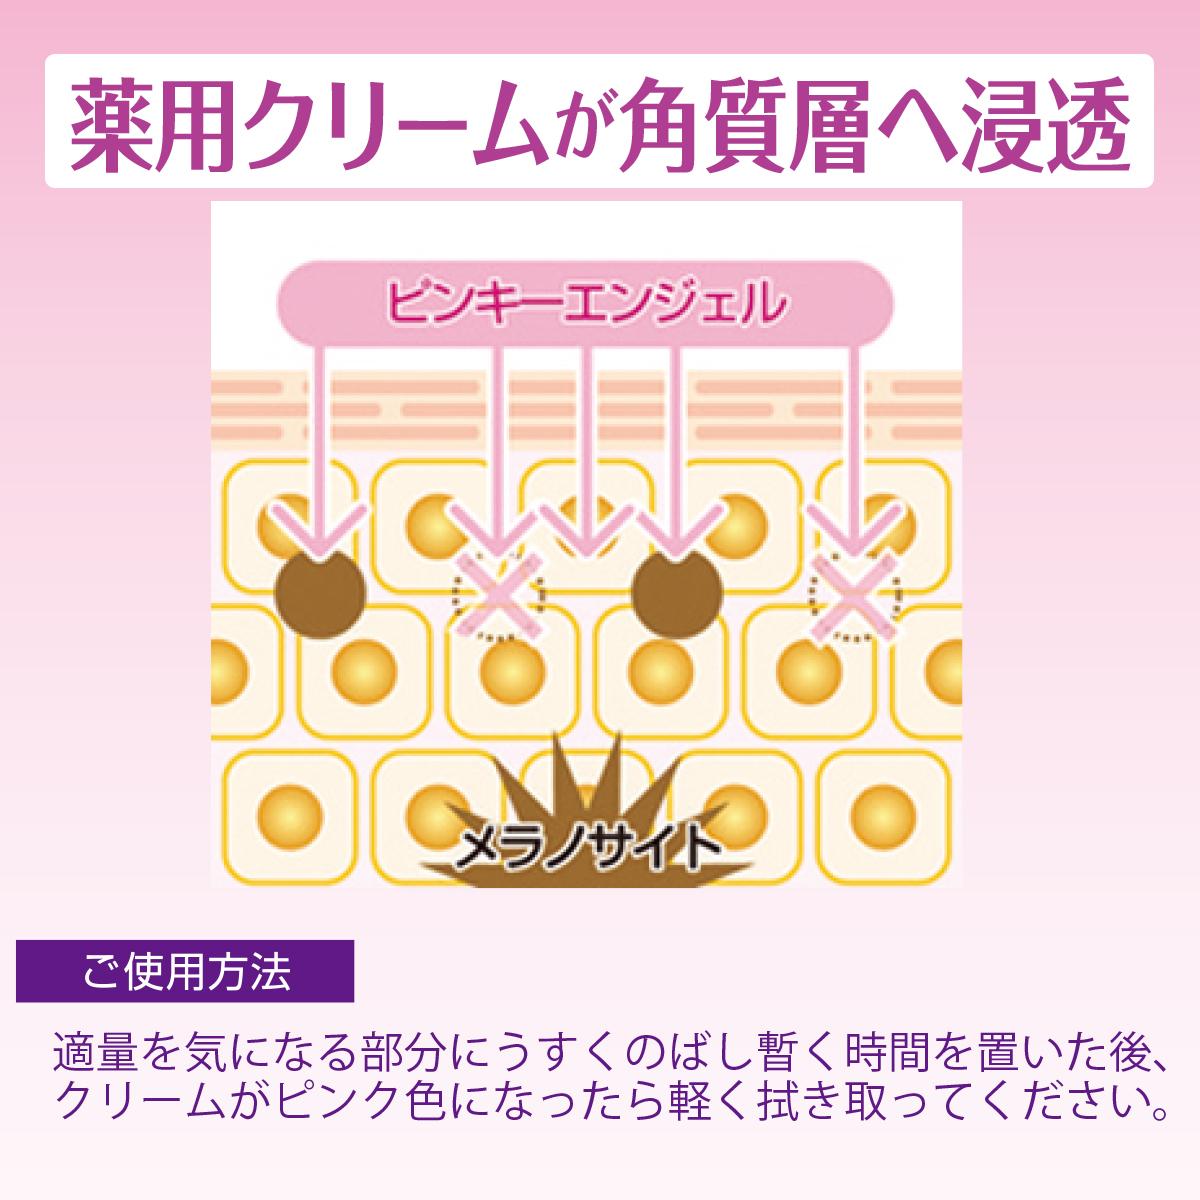 薬用ピンキーエンジェルプレミアム(Pinky Angel Premium)